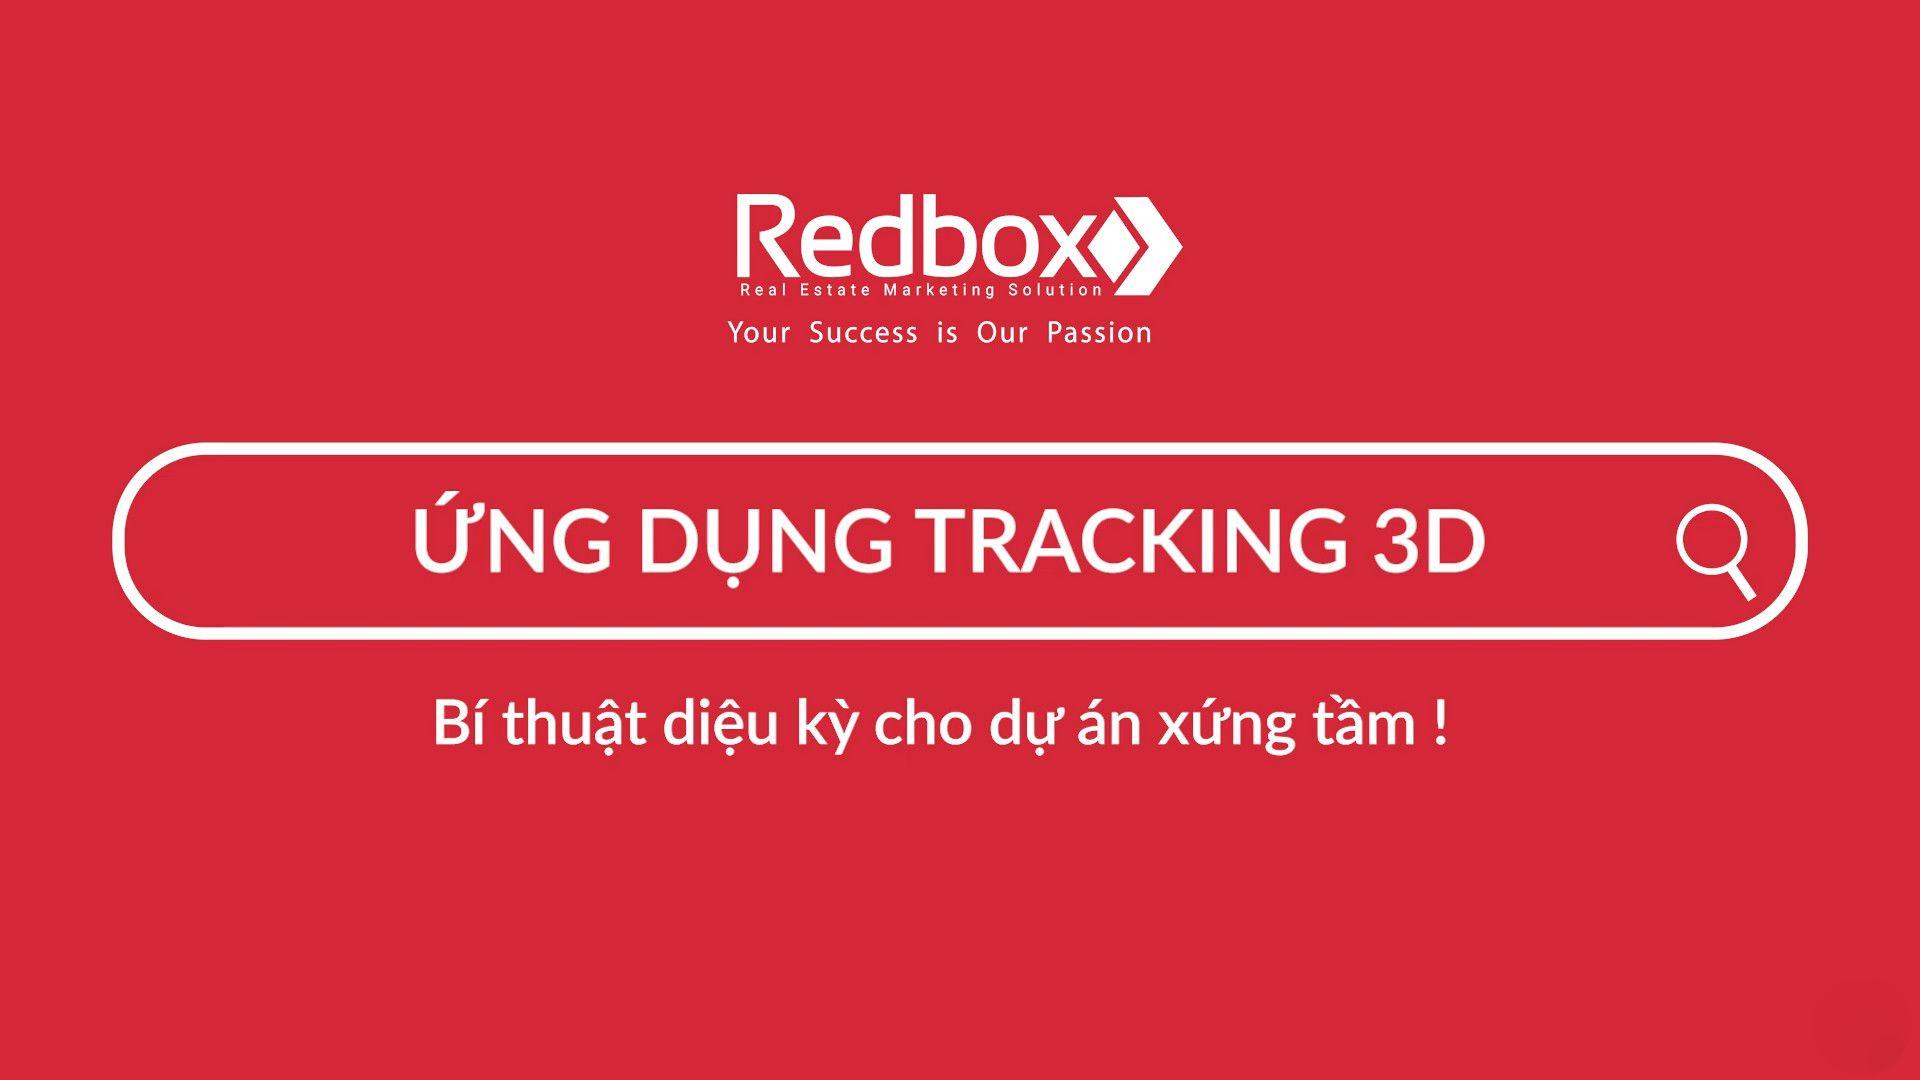 TRACKING 3D TRONG LÀM PHIM 3D - BÍ THUẬT DIỆU KỲ CHO NHỮNG DỰ ÁN XỨNG TẦM!